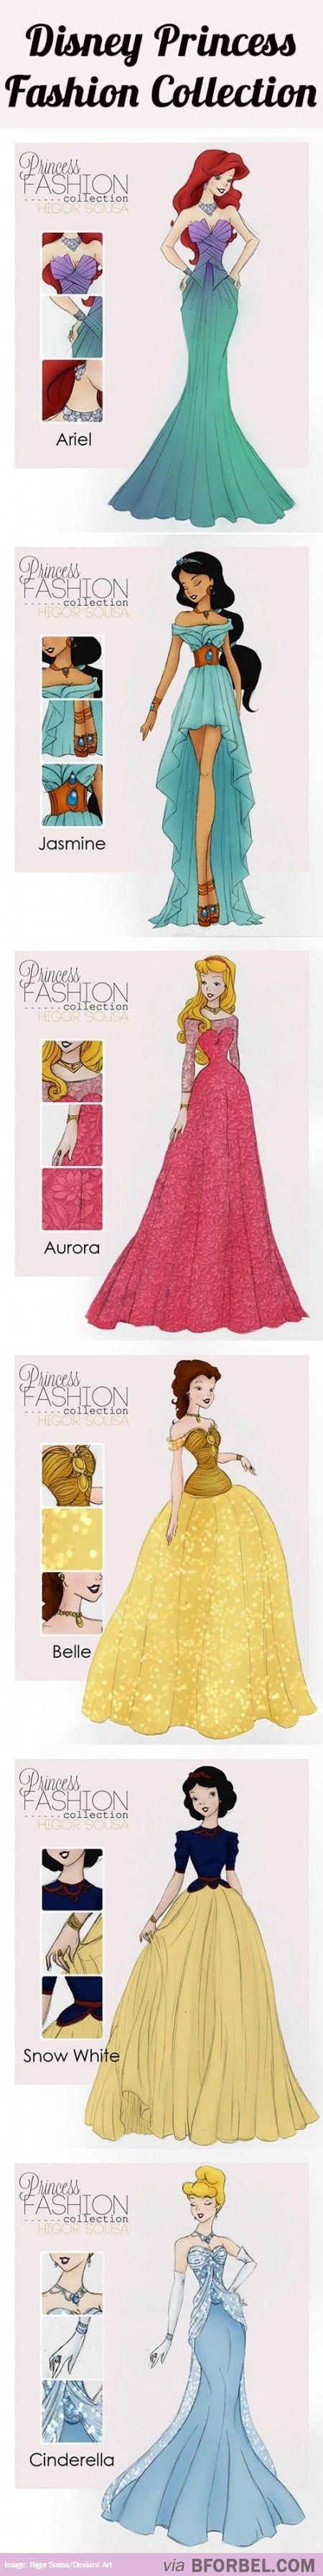 chce taką sukienkę jak ma Jasmine